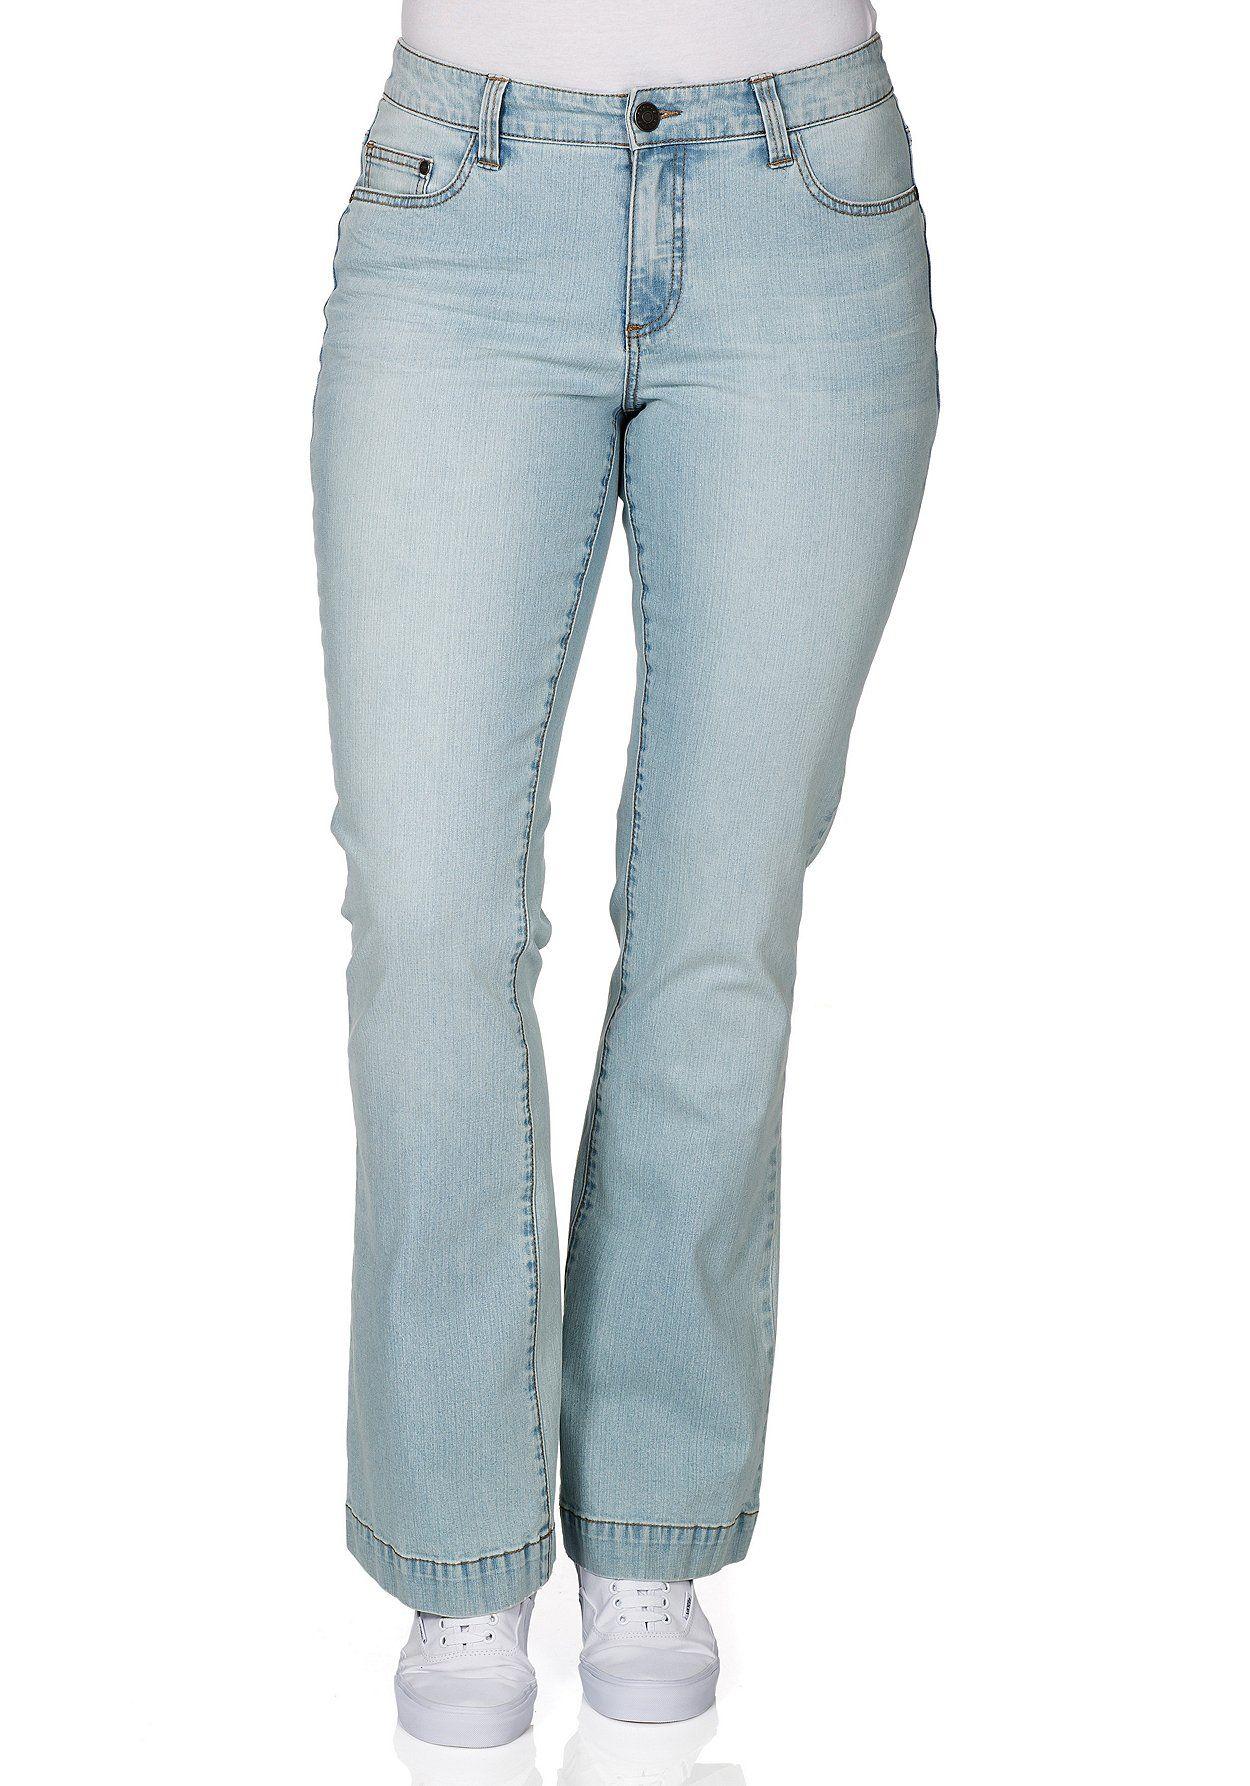 #plussize #plussizefashion #fashion #pastel #sheego #blue #bleached #denim #jeans